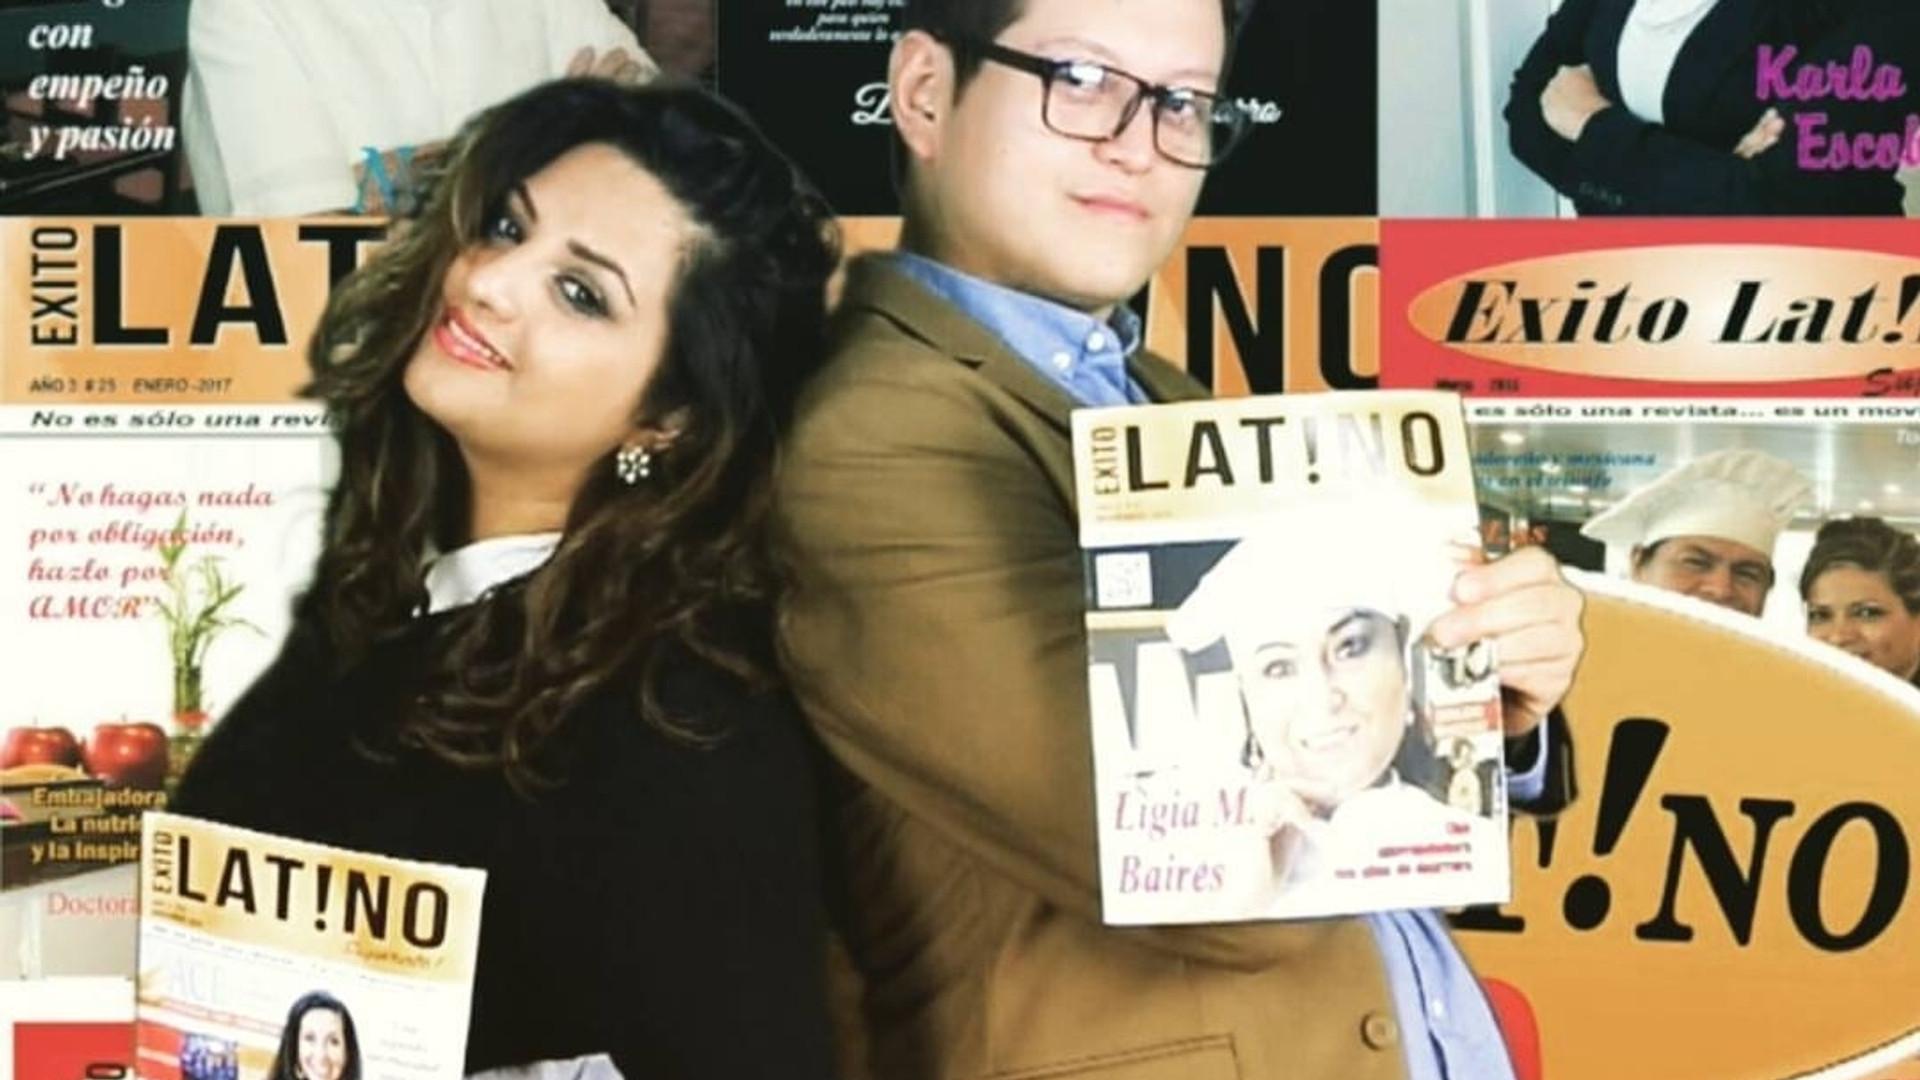 Exito Latino Tv